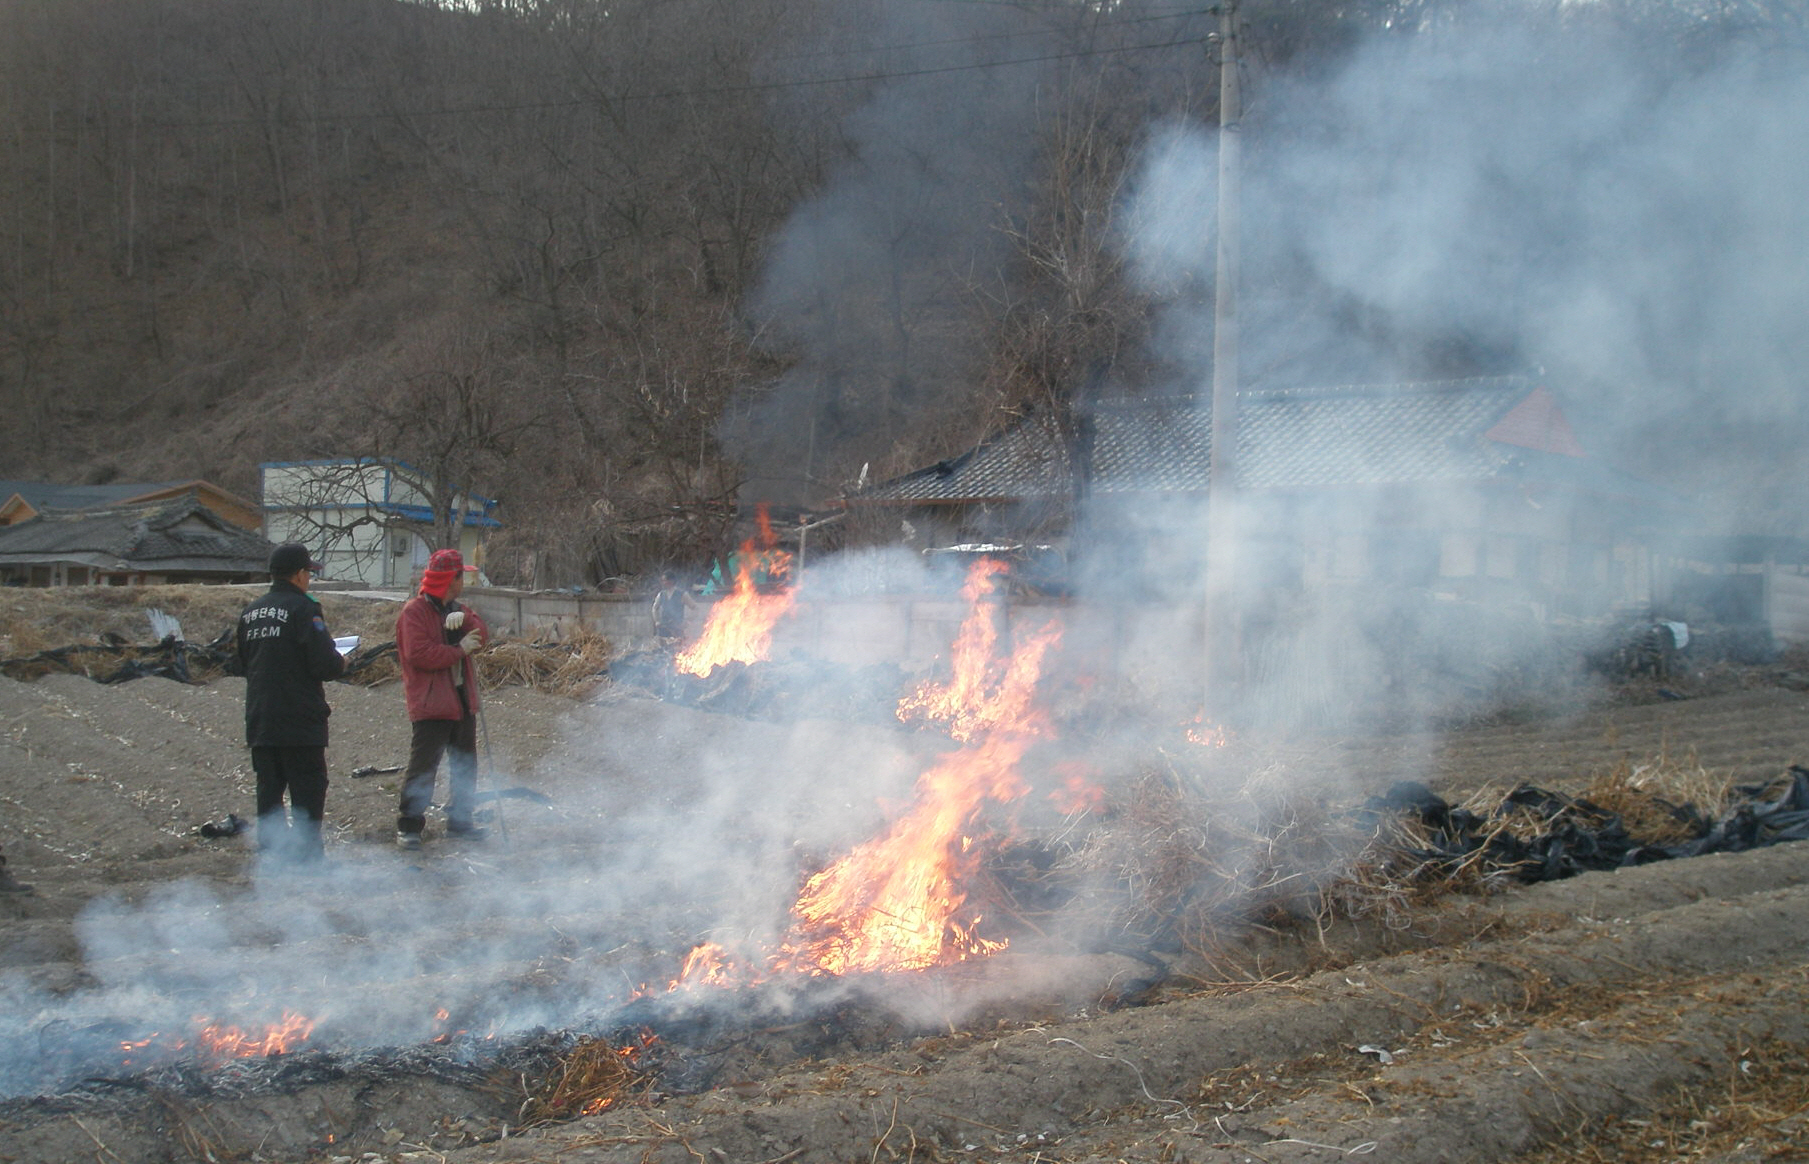 소각산불, 농촌 고령자 사망사고 잇따라 이미지1